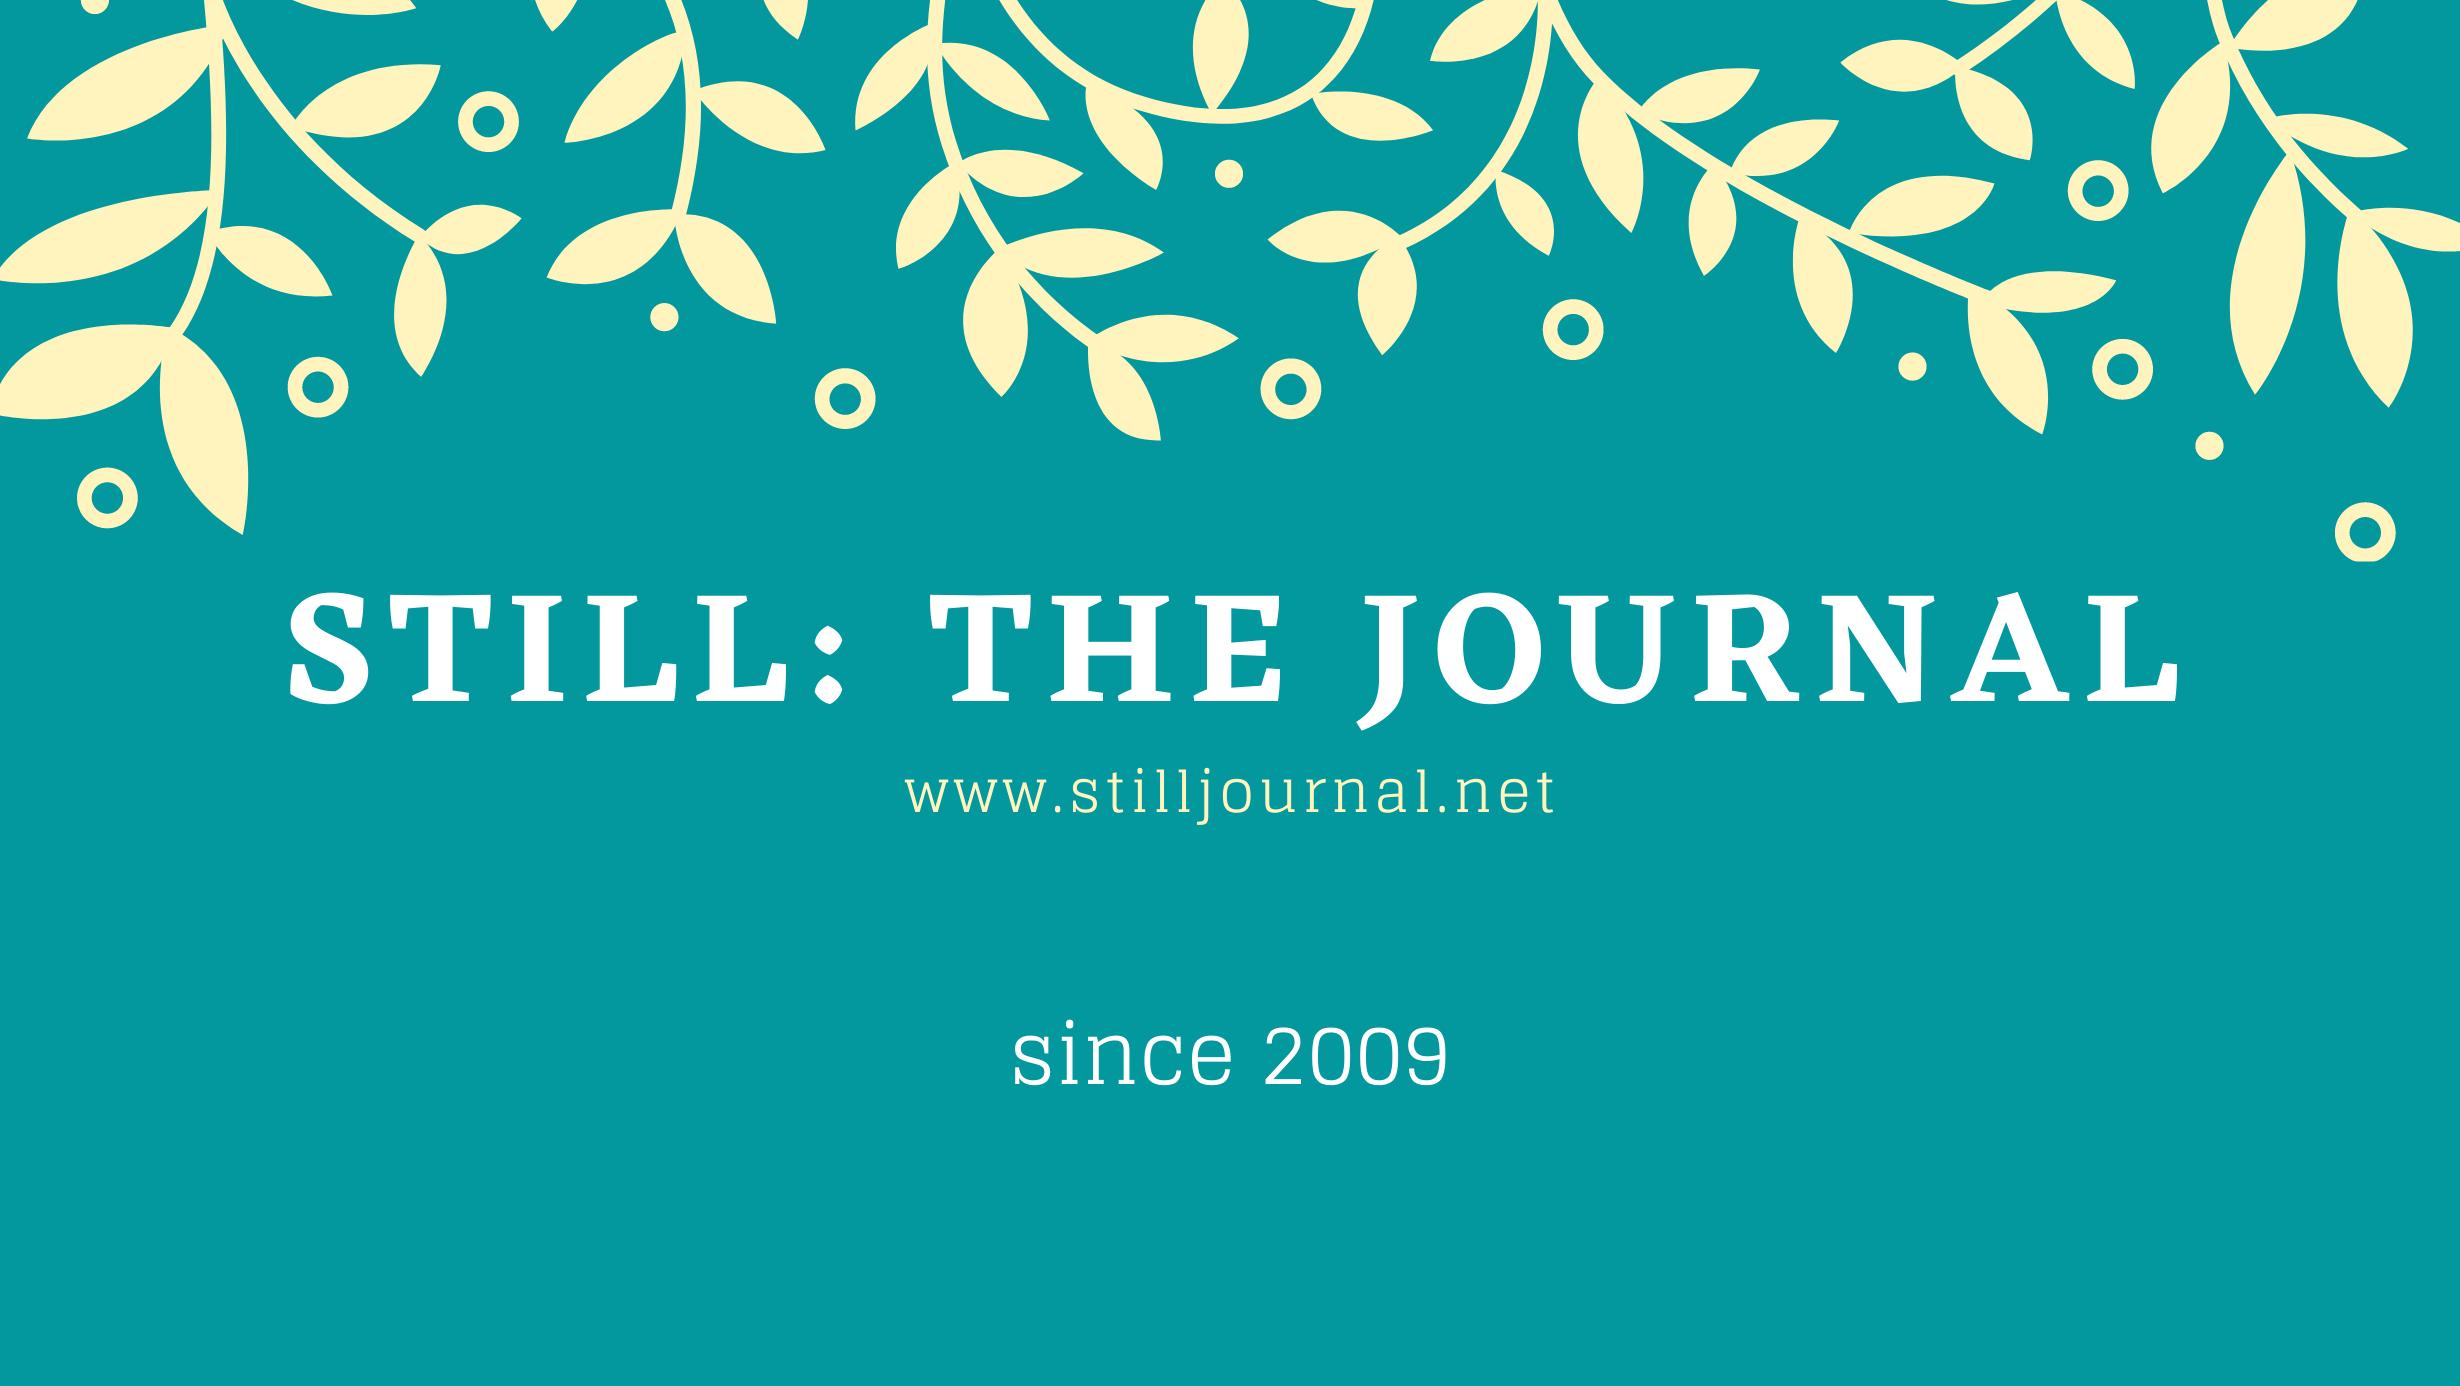 Still: The Journal